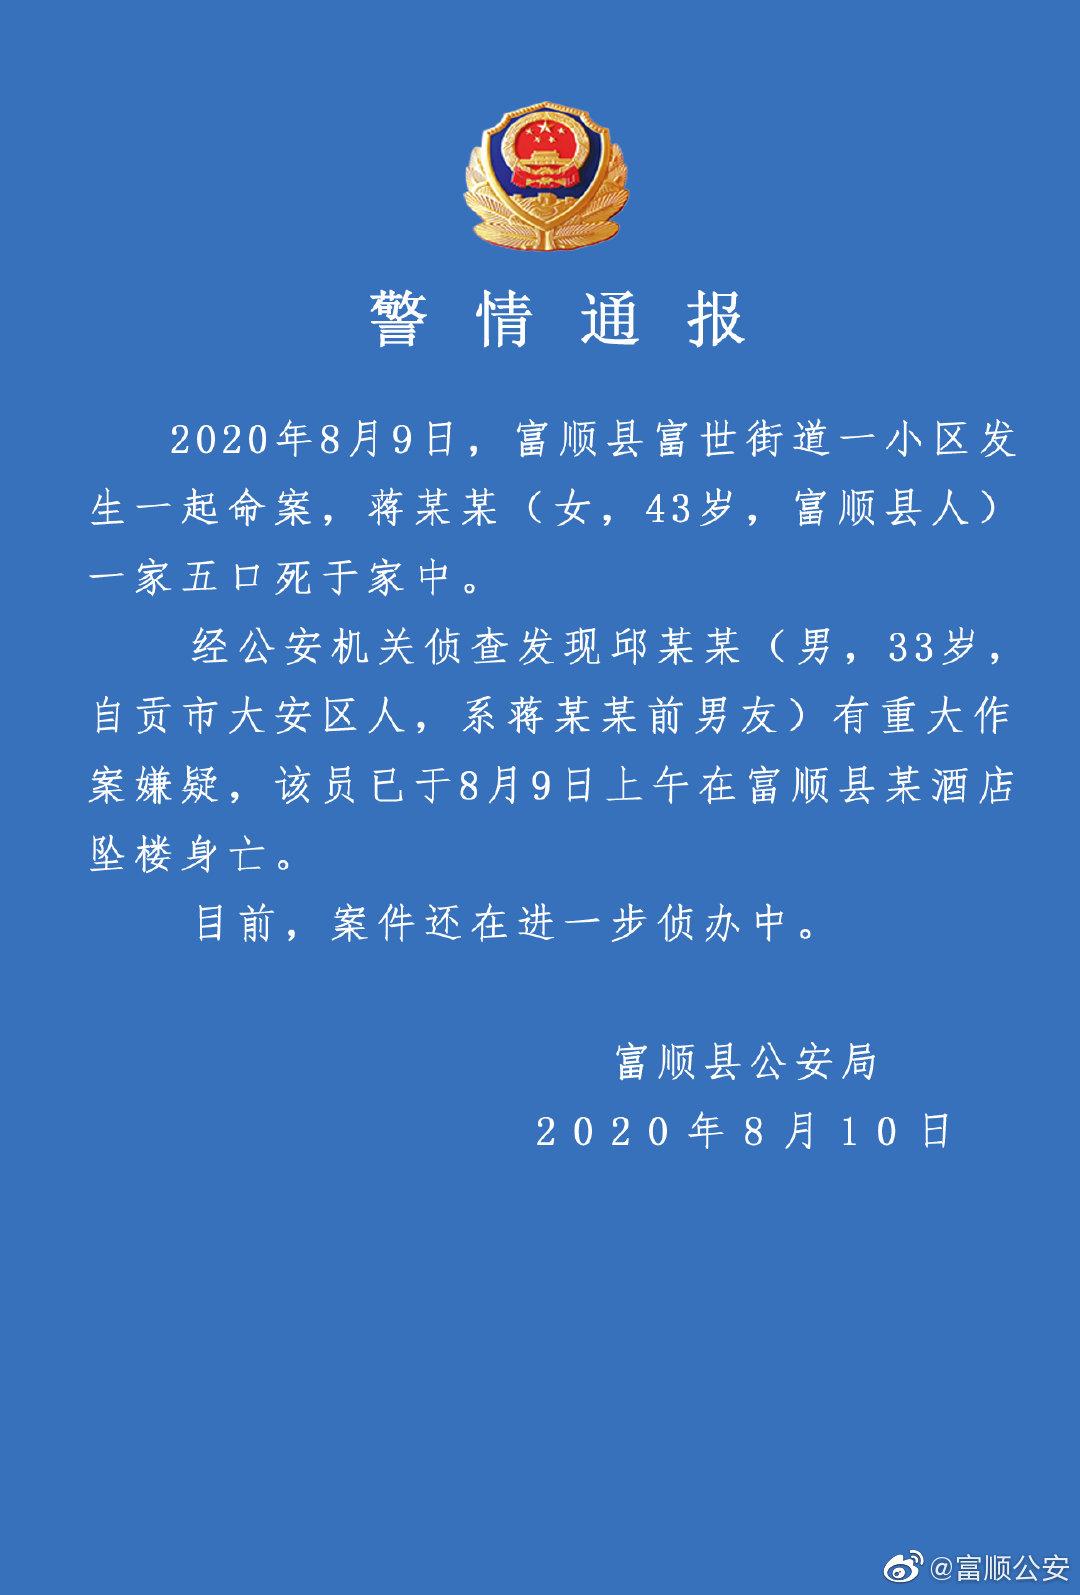 【惠州快猫网址】_四川一女子一家五口被灭门:其前男友有重大嫌疑,已坠亡